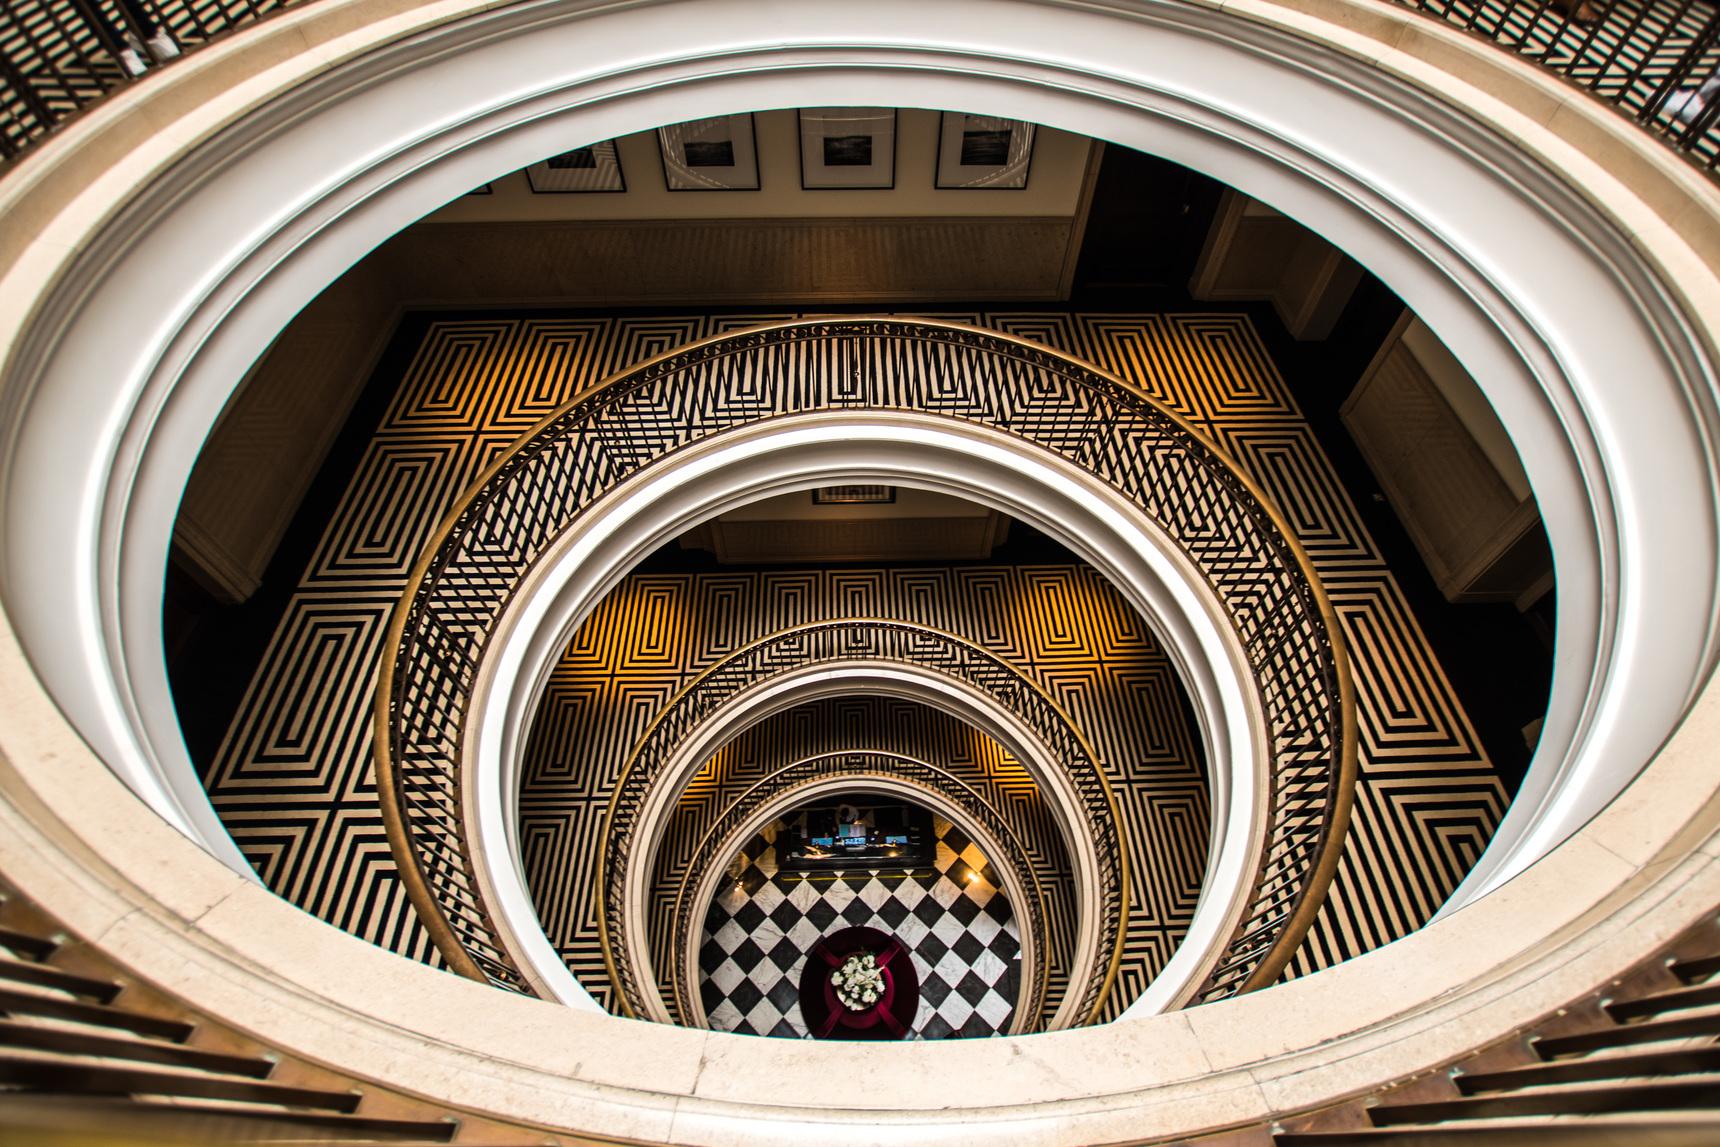 The Atrium at The Edinburgh Grand